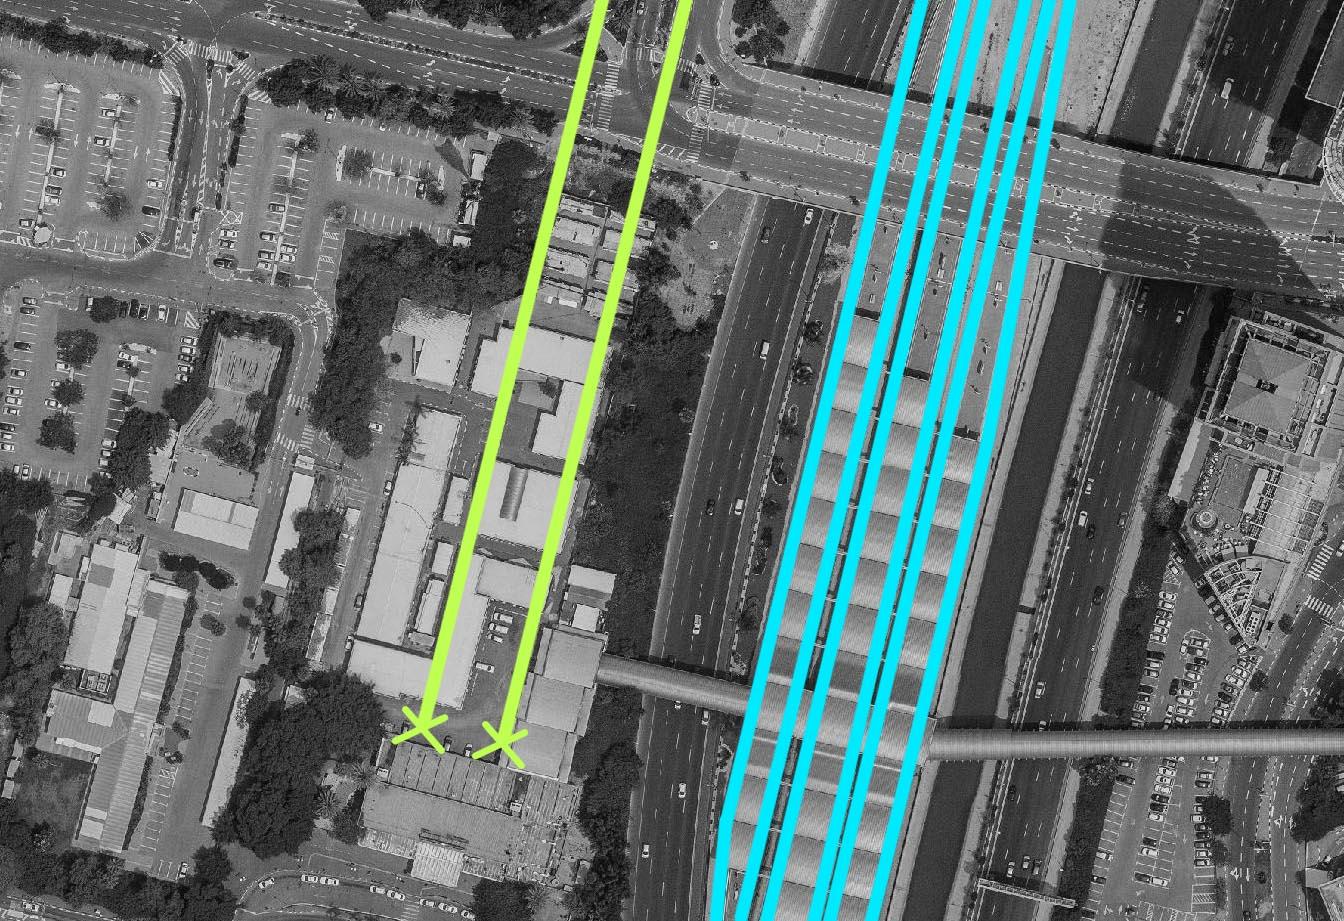 בצהוב - המסילות המקוריות שהגיעו לאולם הנוסעים והסתיימו בנקודה זו. בכחול- המסילות כיום והרציפים שהוקמו מחדש בתוואי האיילון.